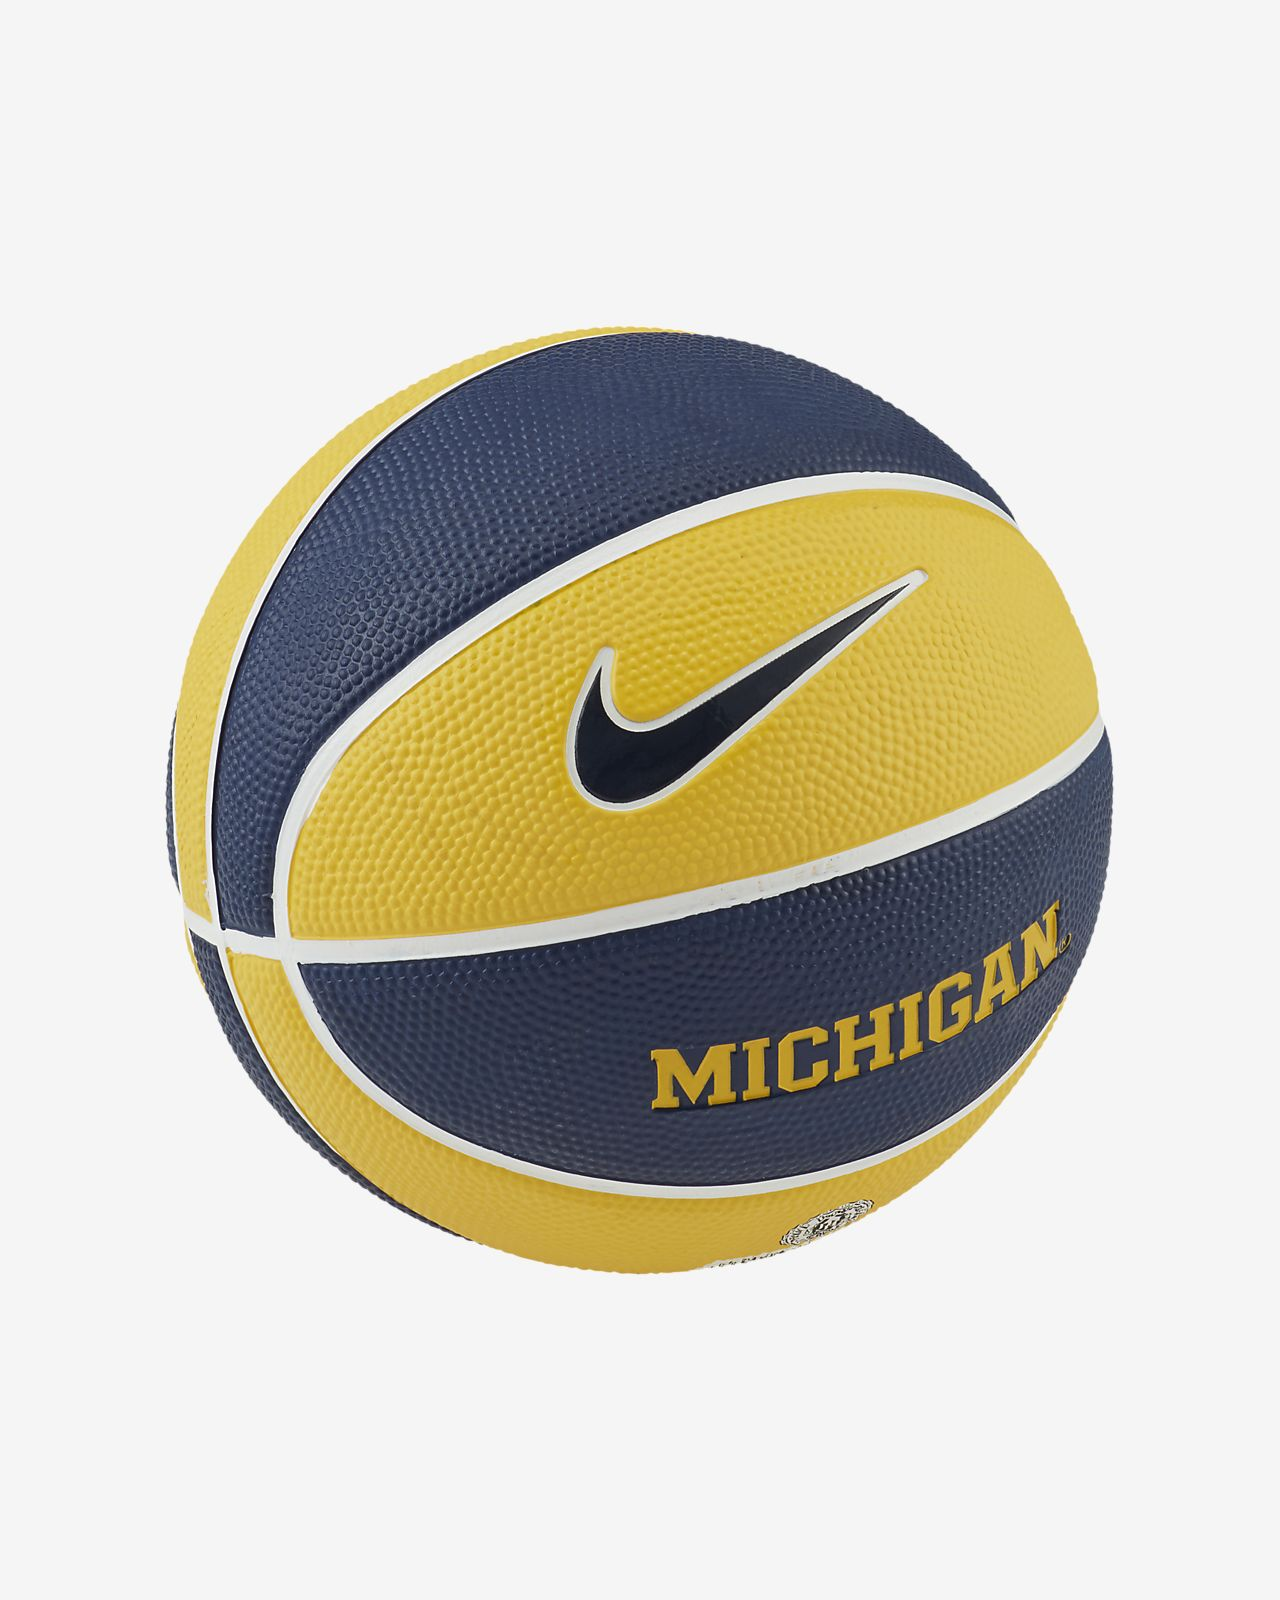 Nike College Mini (Michigan) Basketball